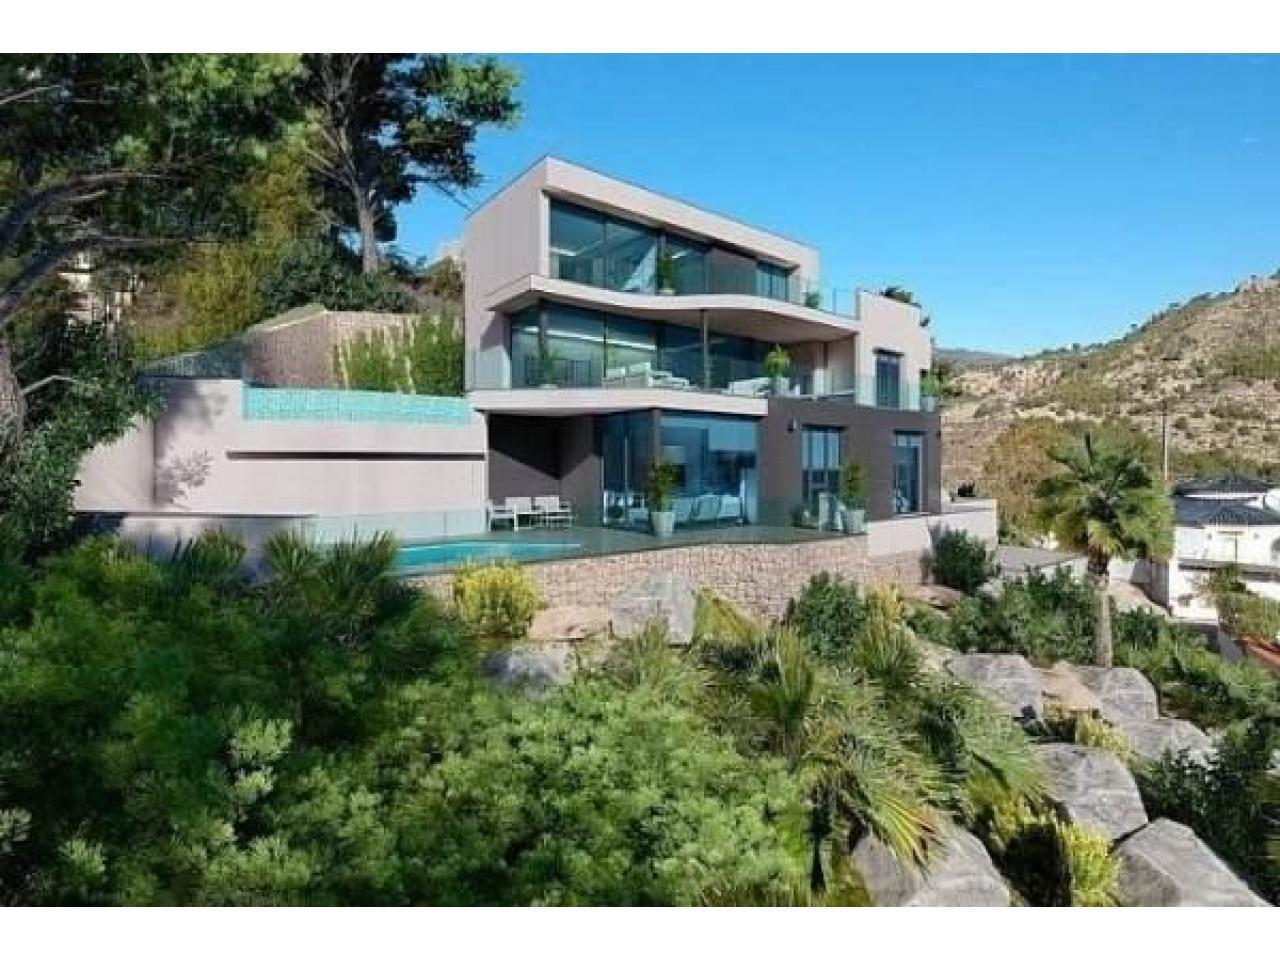 Недвижимость в Испании, Новая вилла с видами на море от застройщика в Кальпе - 3